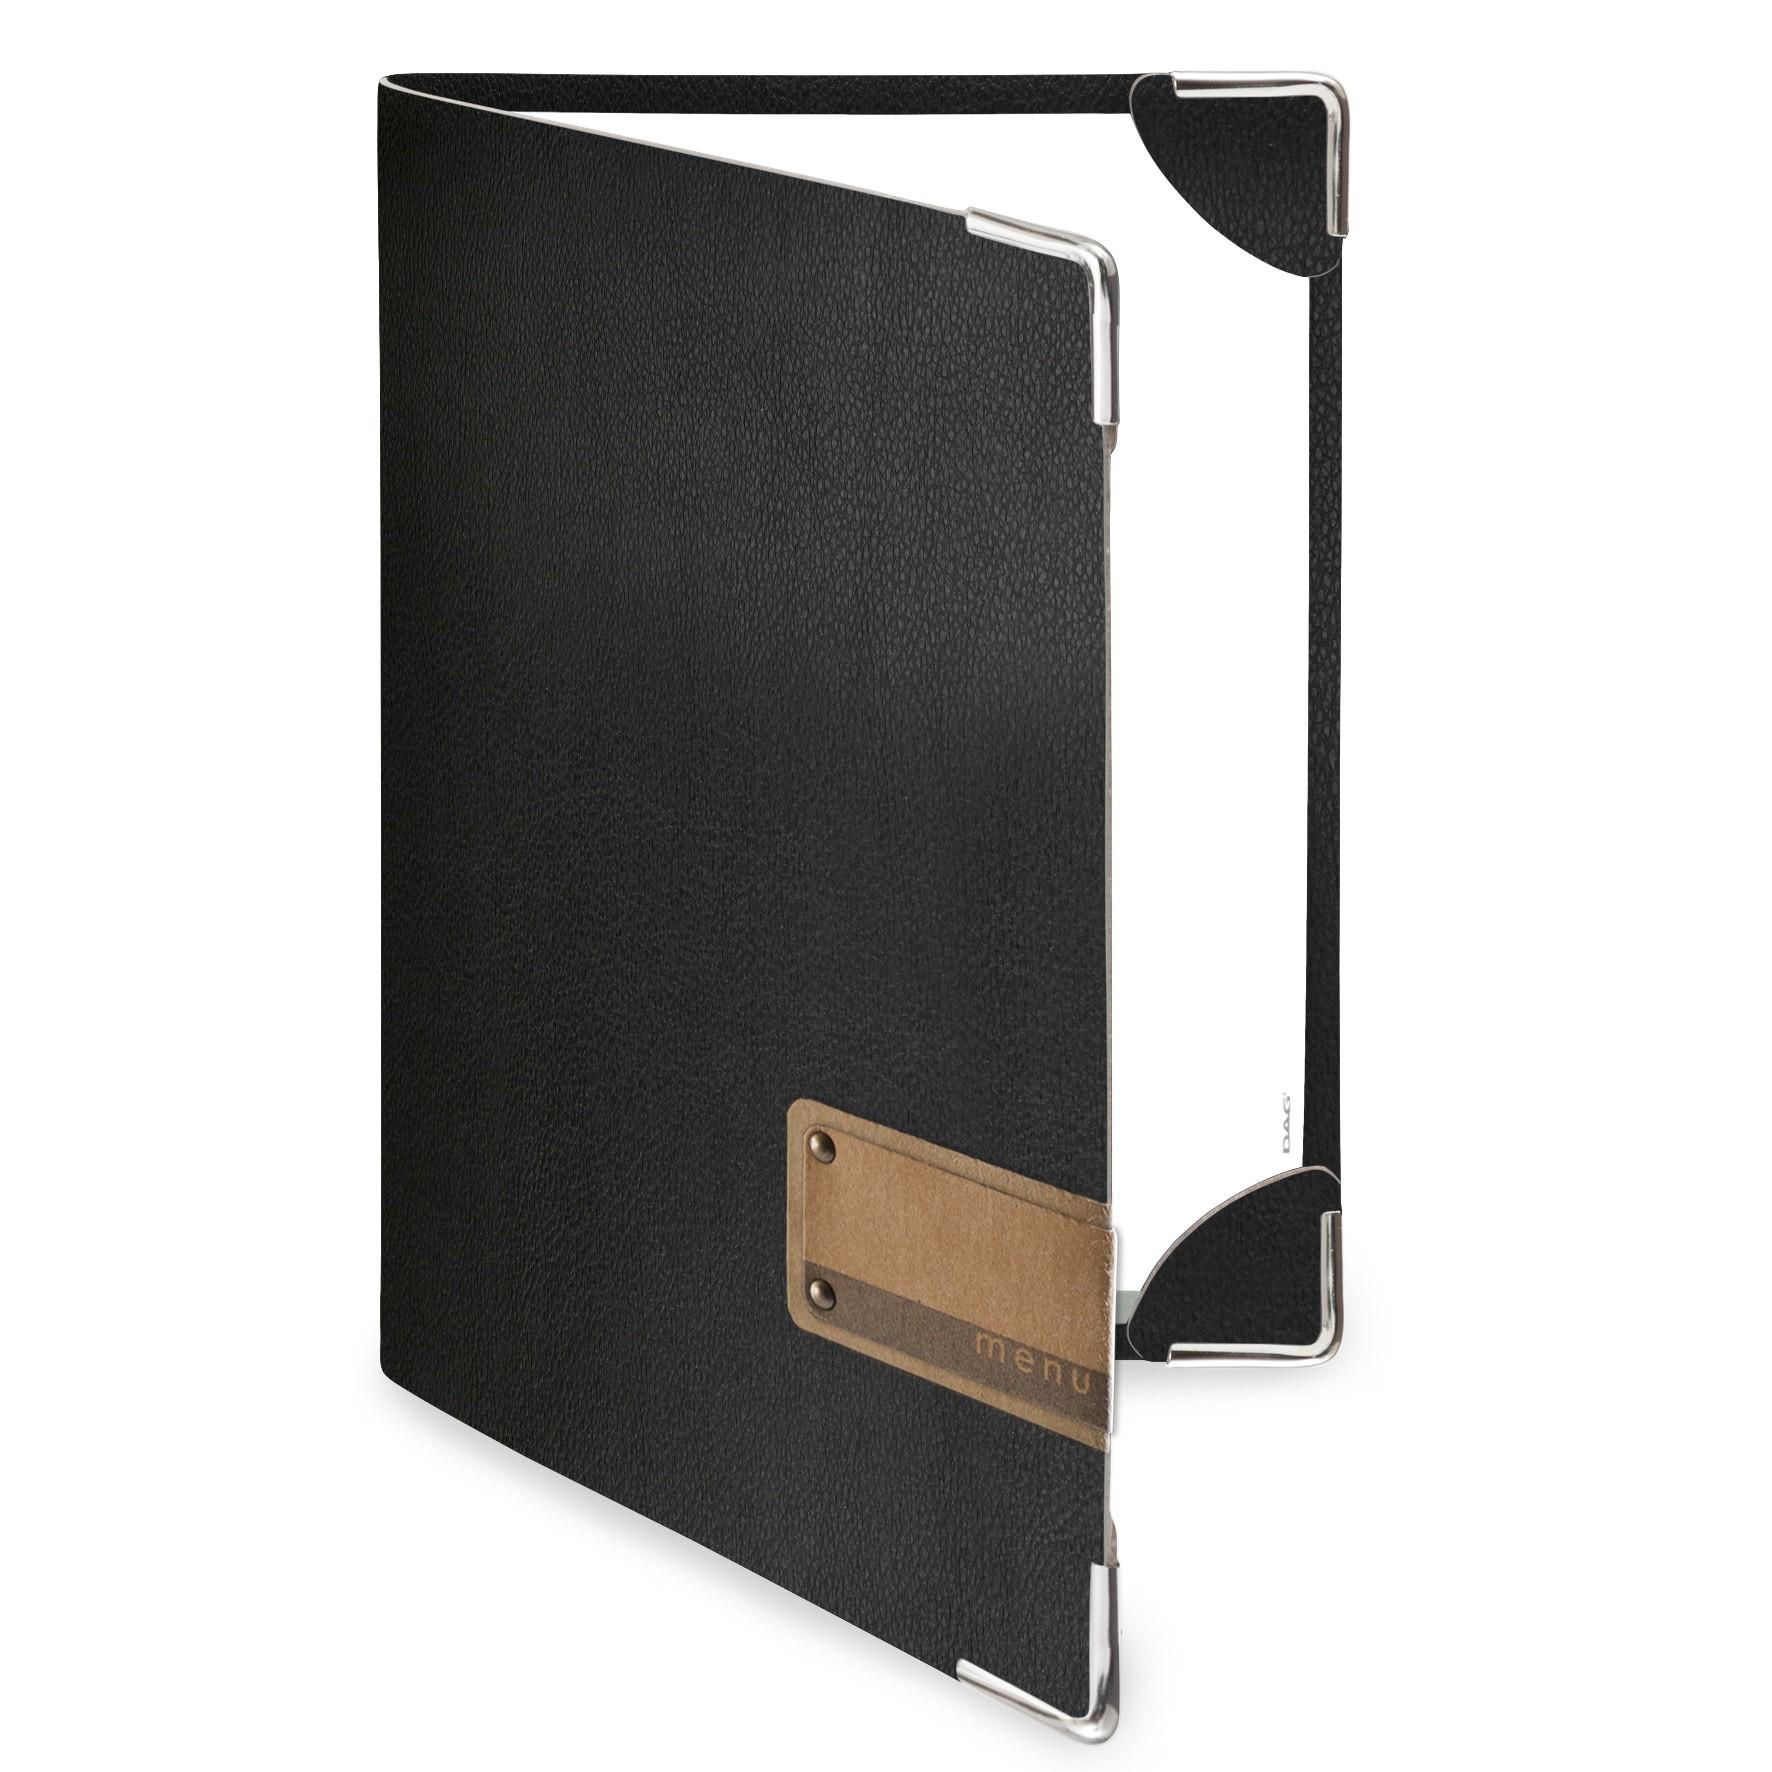 Protège menu 2 volets MenuMenu noir aspect lisse